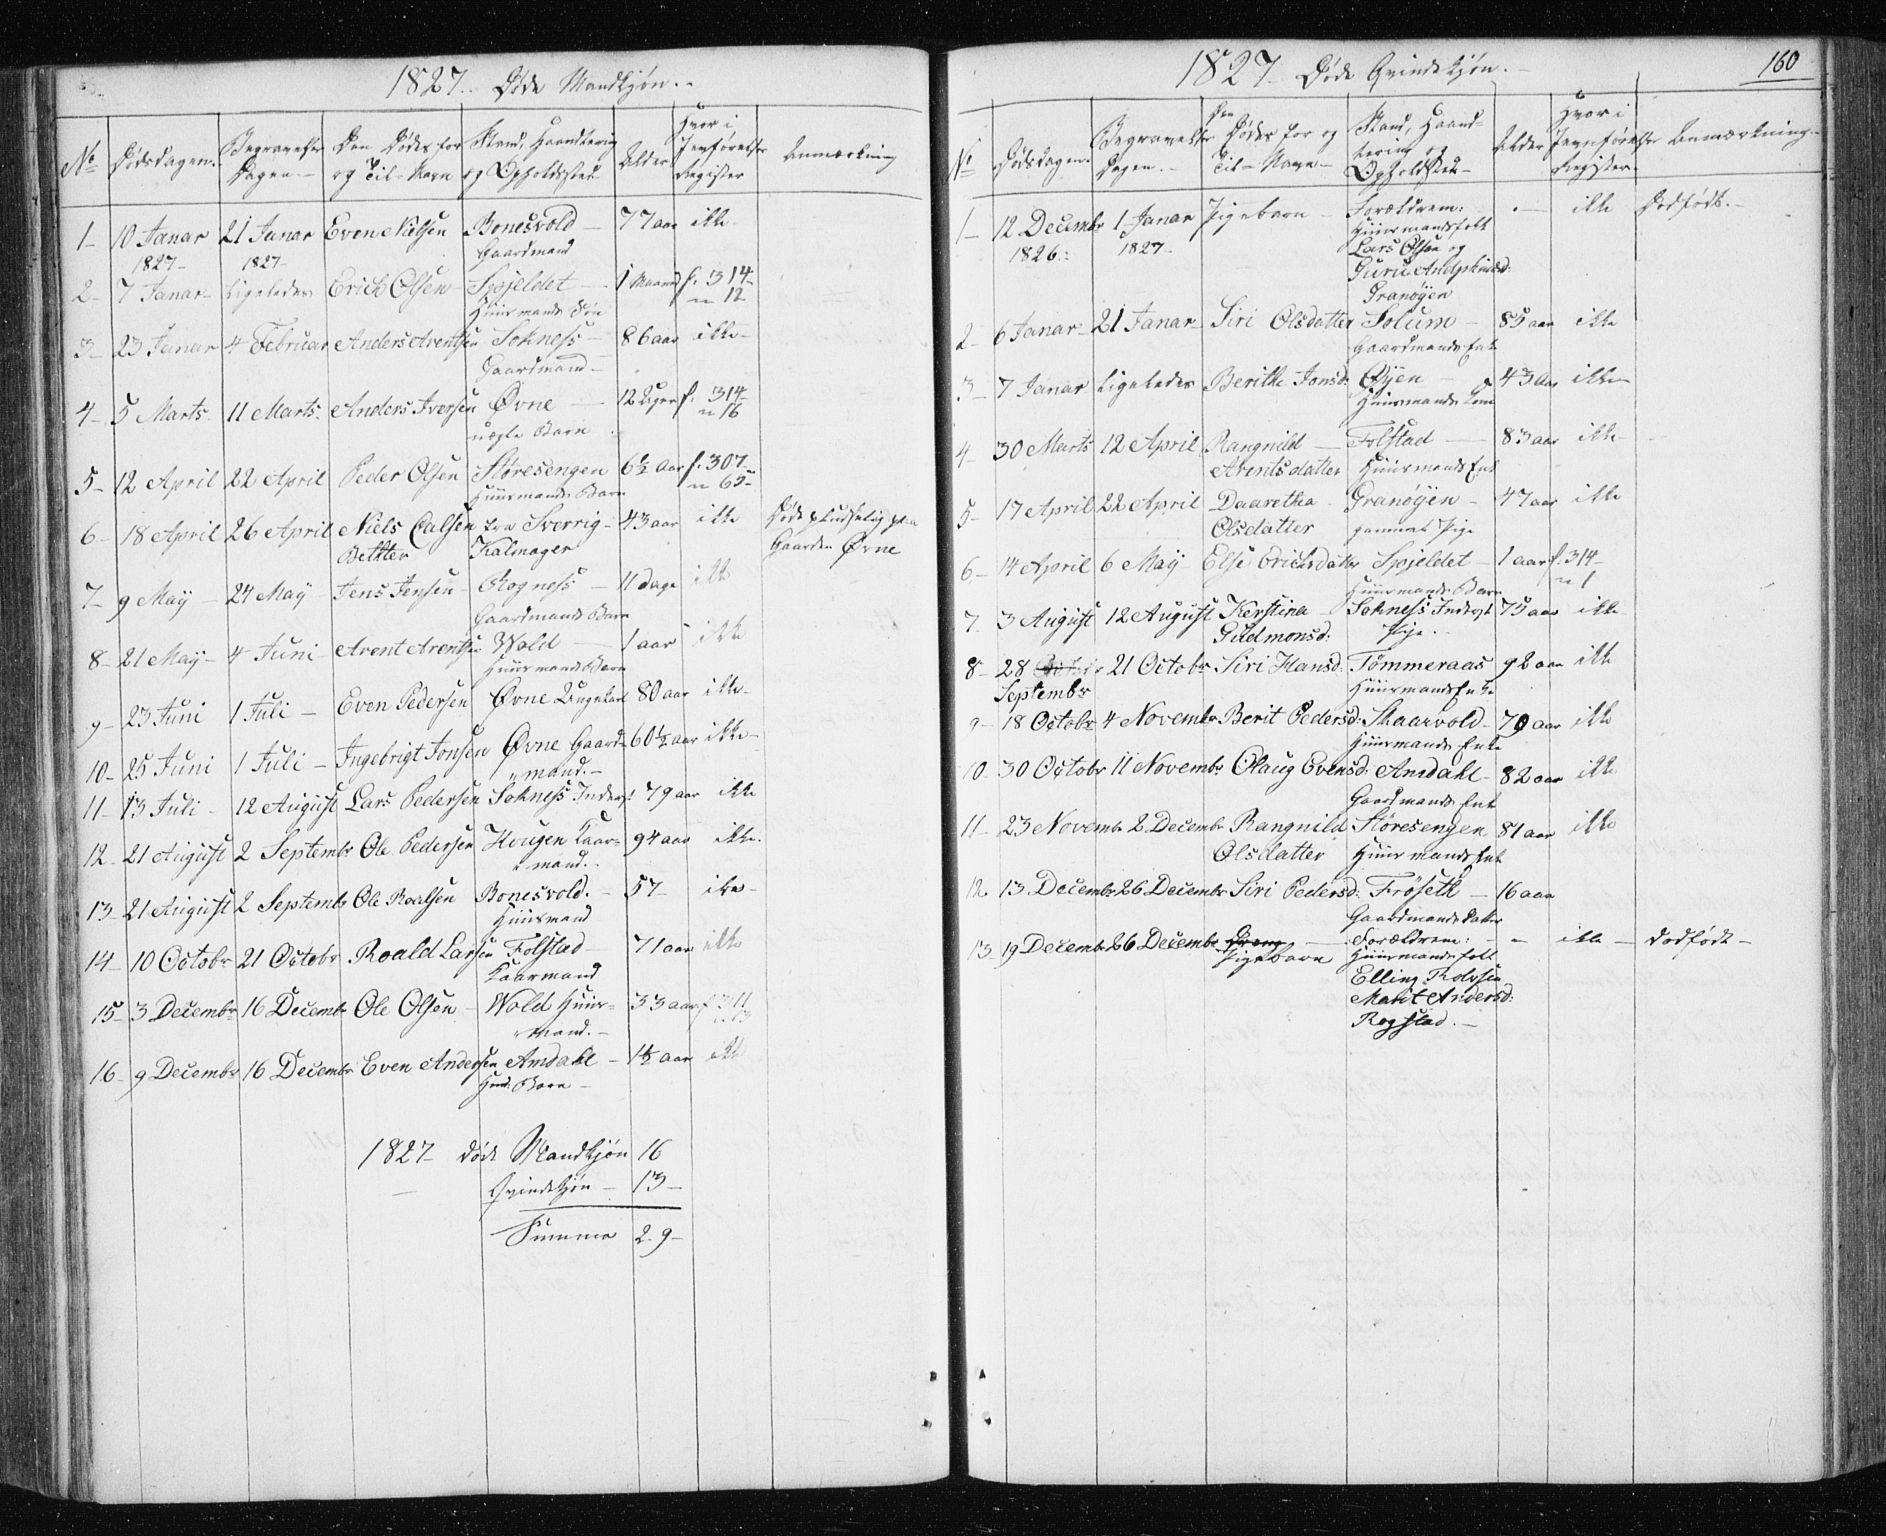 SAT, Ministerialprotokoller, klokkerbøker og fødselsregistre - Sør-Trøndelag, 687/L1017: Klokkerbok nr. 687C01, 1816-1837, s. 160